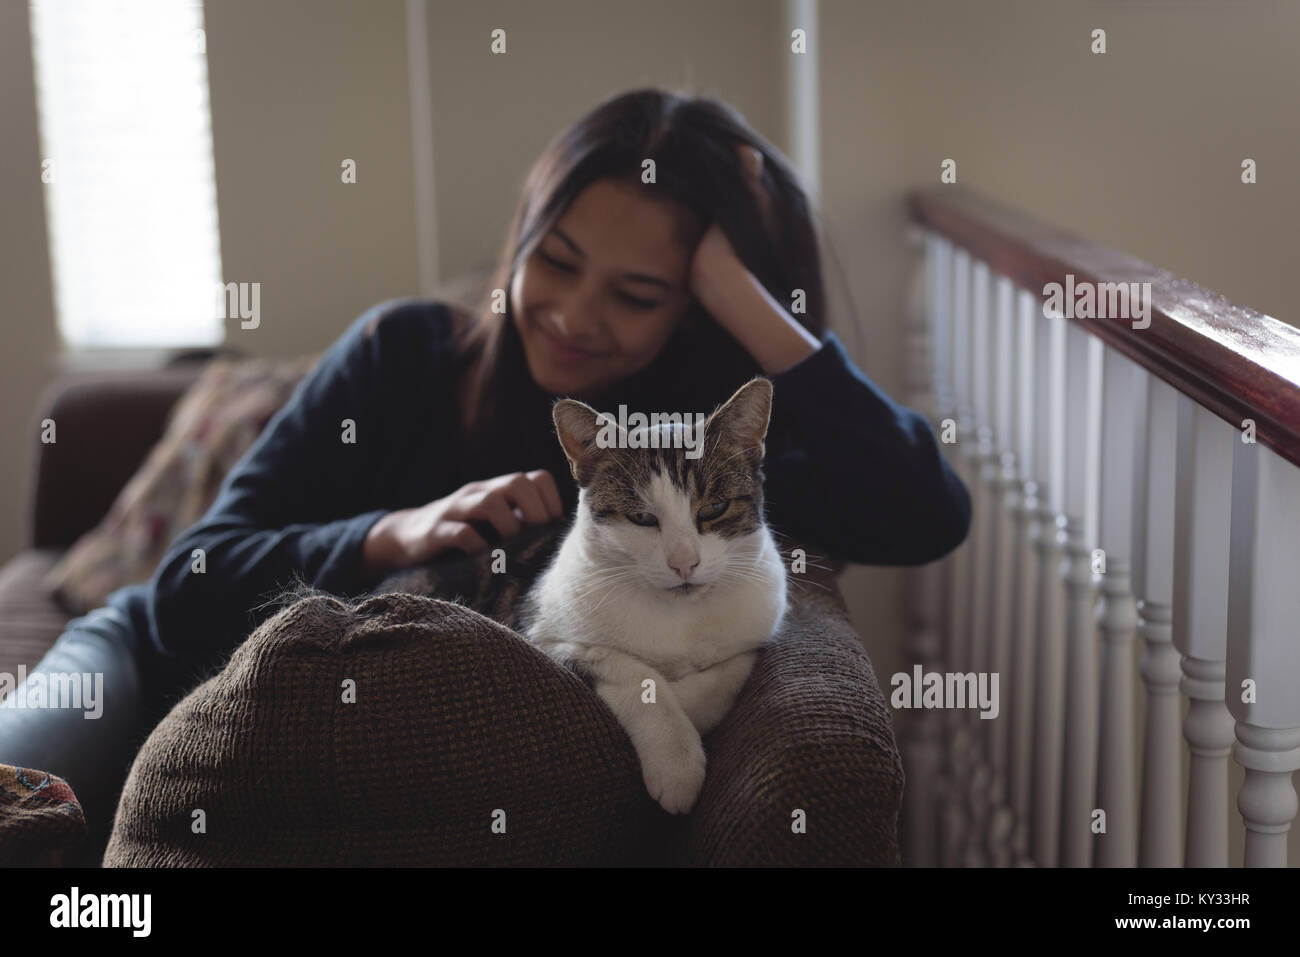 Ragazza seduta con gatto sul divano nel soggiorno Immagini Stock